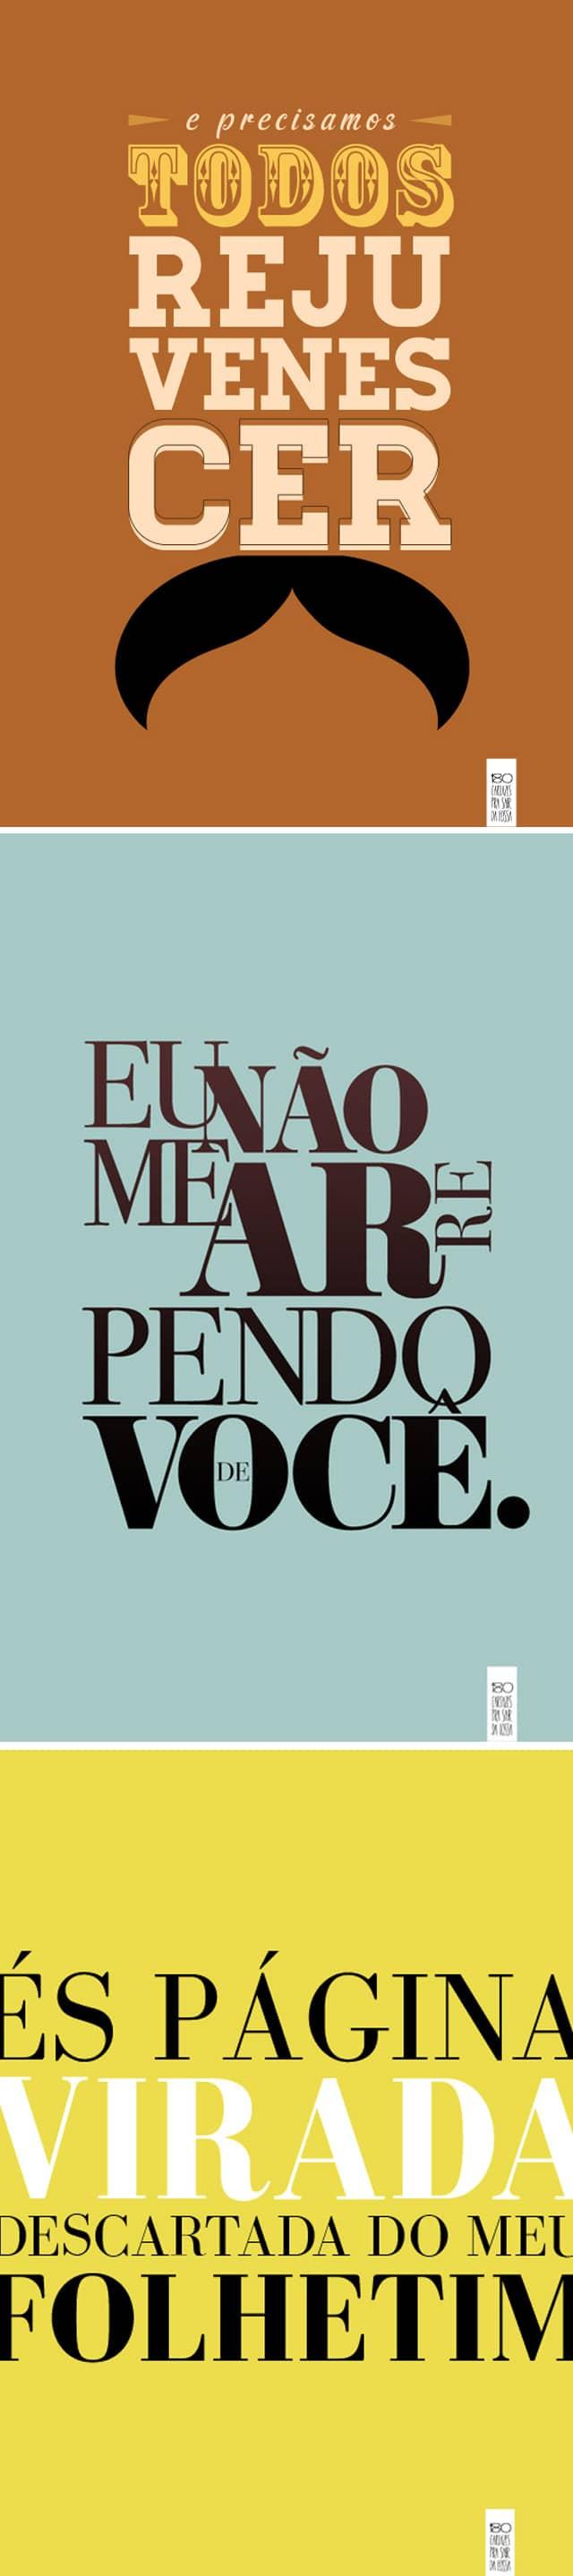 Projeto brasileiro cria 180 cartazes para ajudar as pessoas a sairem da fossa 3